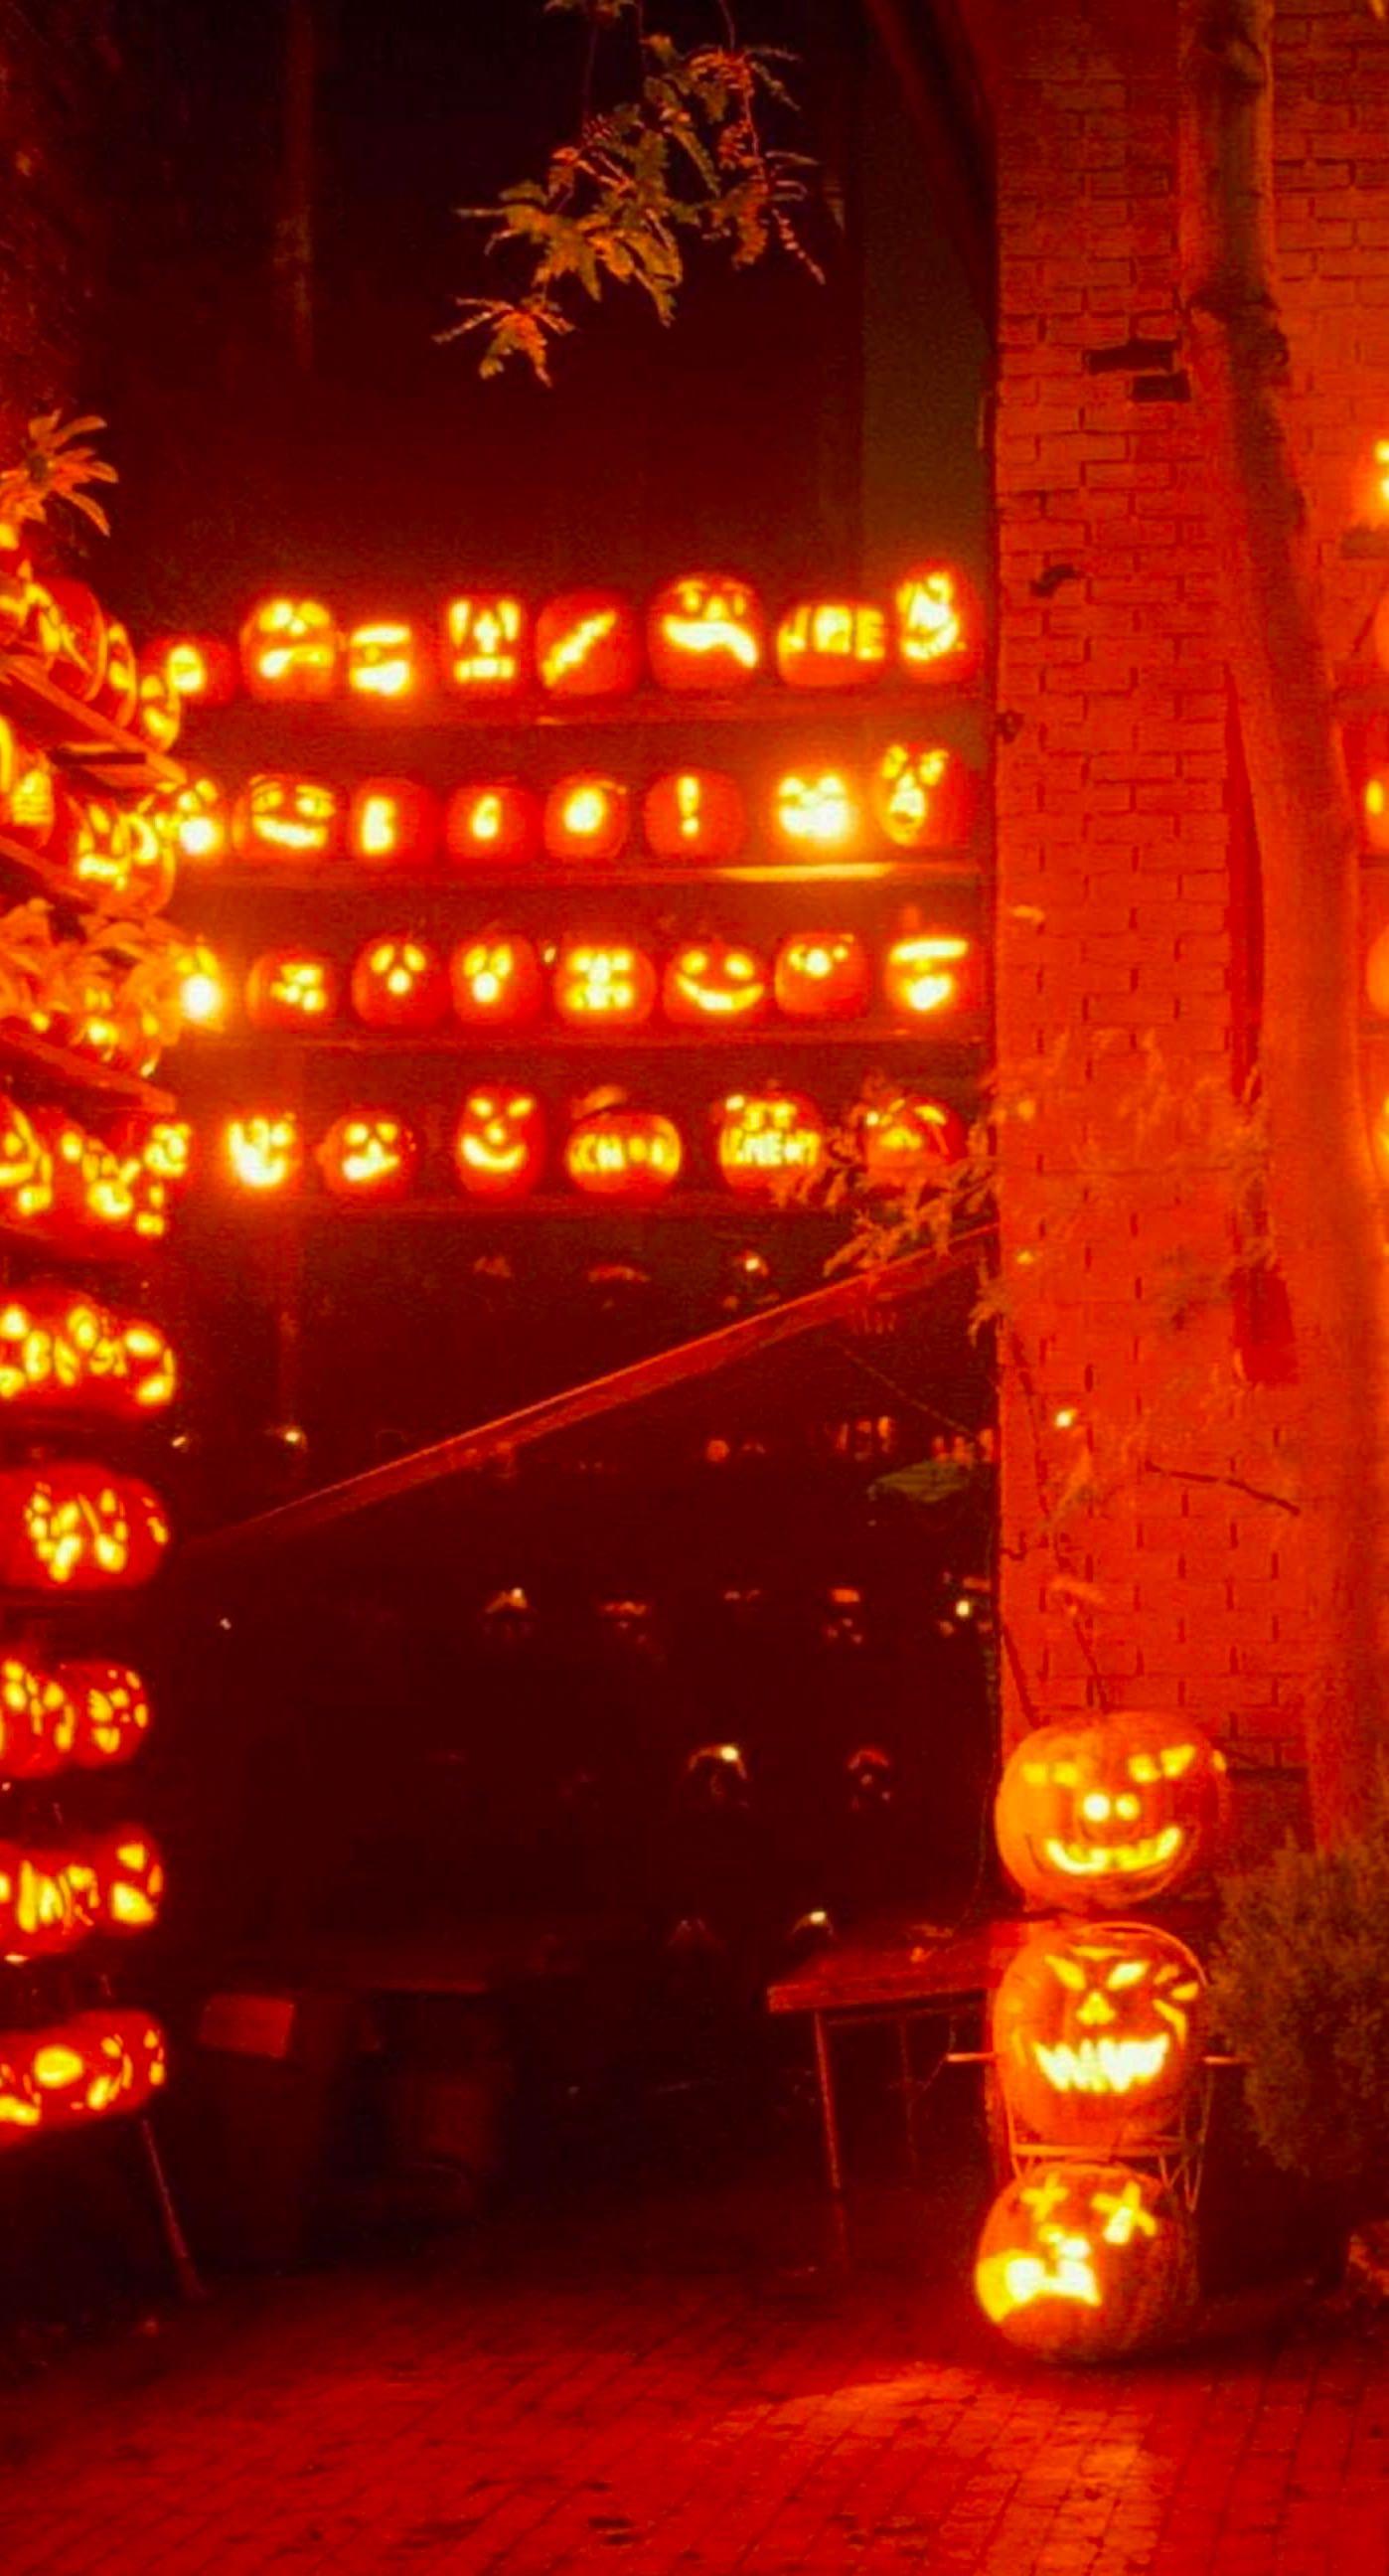 Fantastic Wallpaper Halloween Red - iphone7plus-1398x2592-wallpaper_01341  Pic_425452.jpg